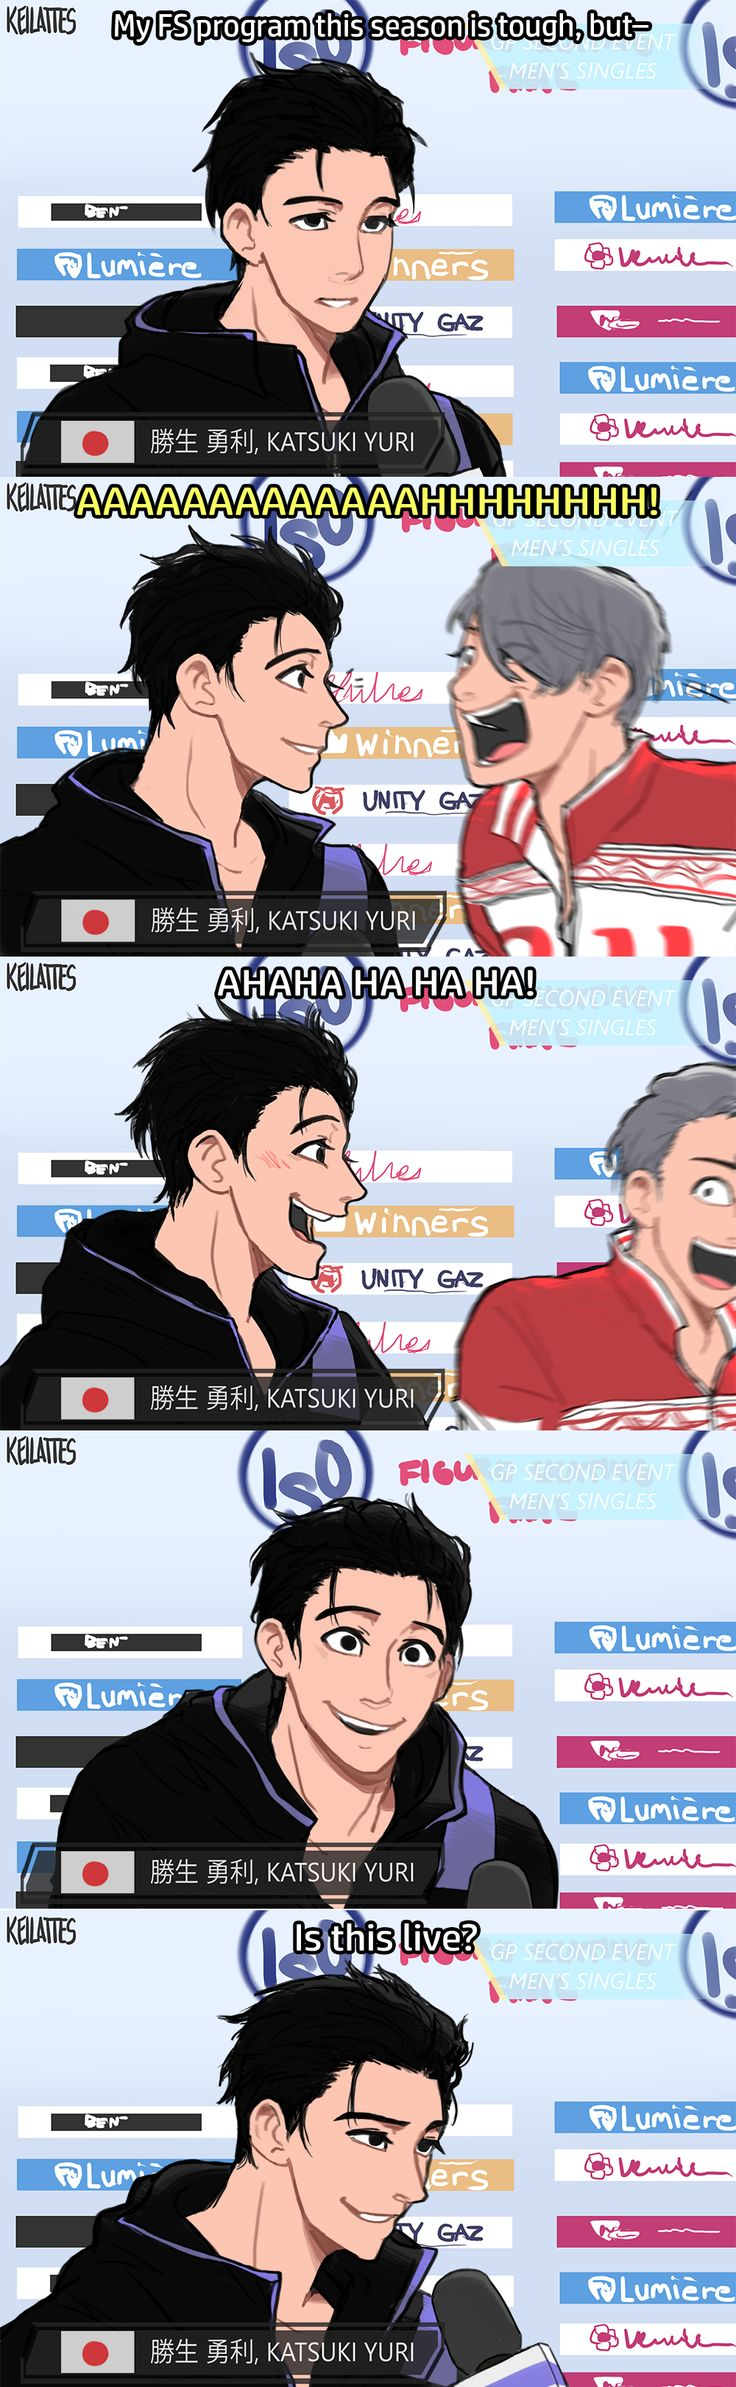 http://keilattes.tumblr.com/post/155779523098/viktor-nikiforov-and-yuri-katsuki-competing